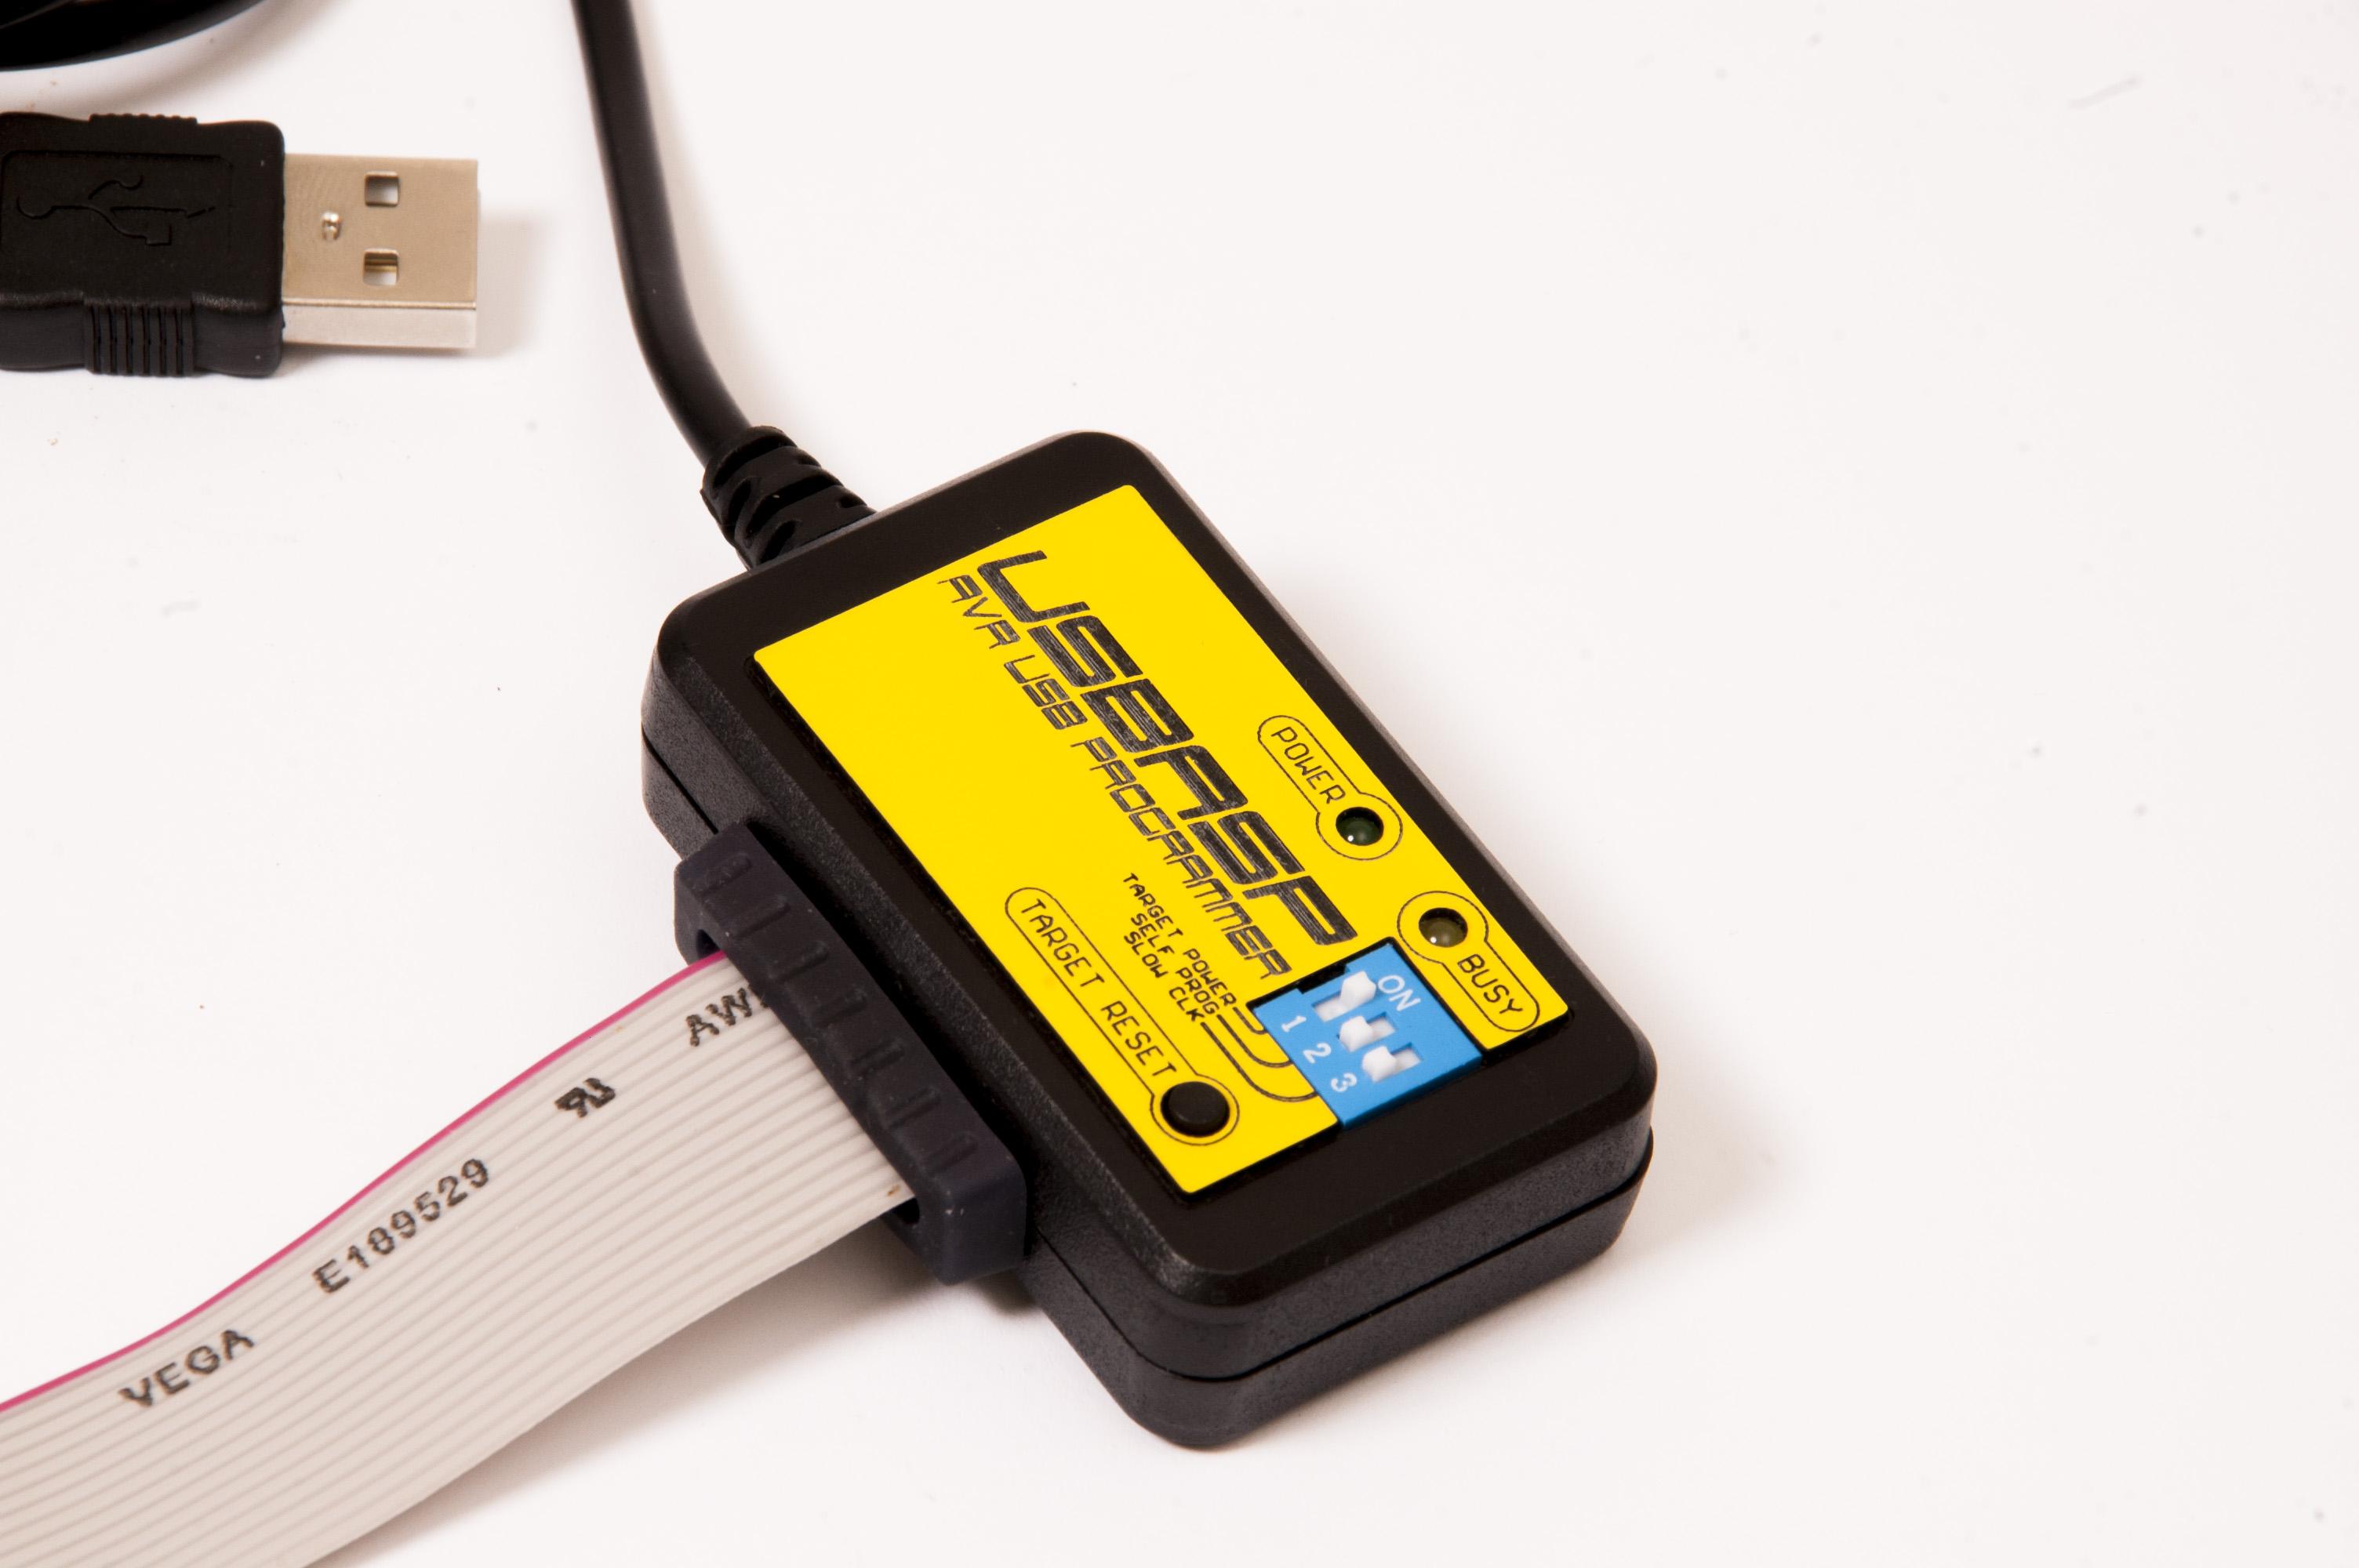 Programator AVR USB USBASP z kilkoma ulepszeniami